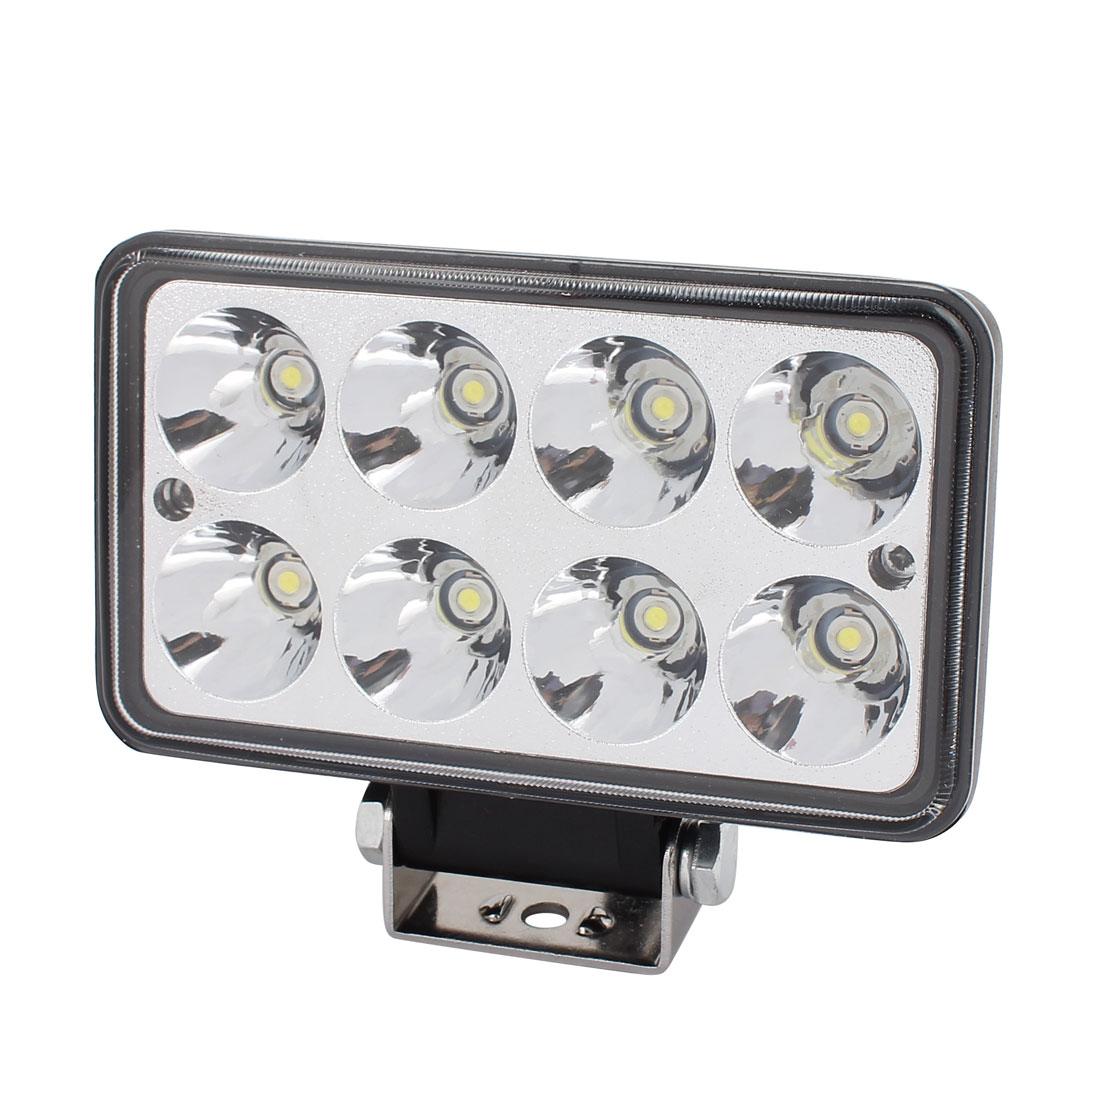 24W DC 10V-30V 8 LED Bulb Spotlight Working Lamp for Hotel Hall Lighting